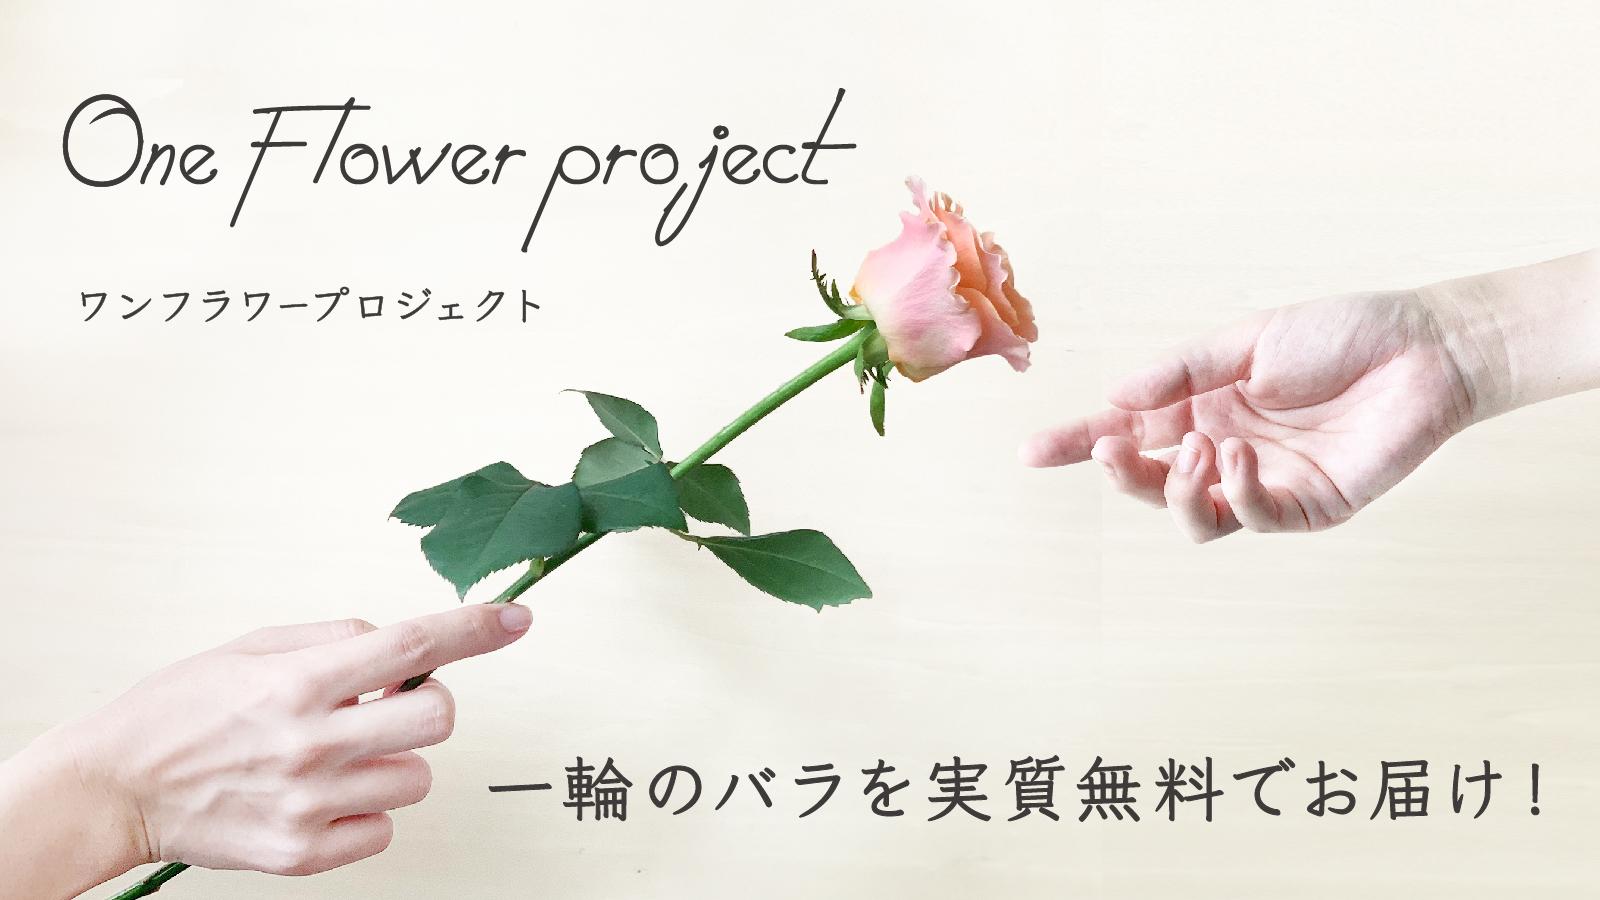 〈予告〉「ワンフラワープロジェクト」紹介 TOKYO FM「山崎怜奈の誰かに話したかったこと」